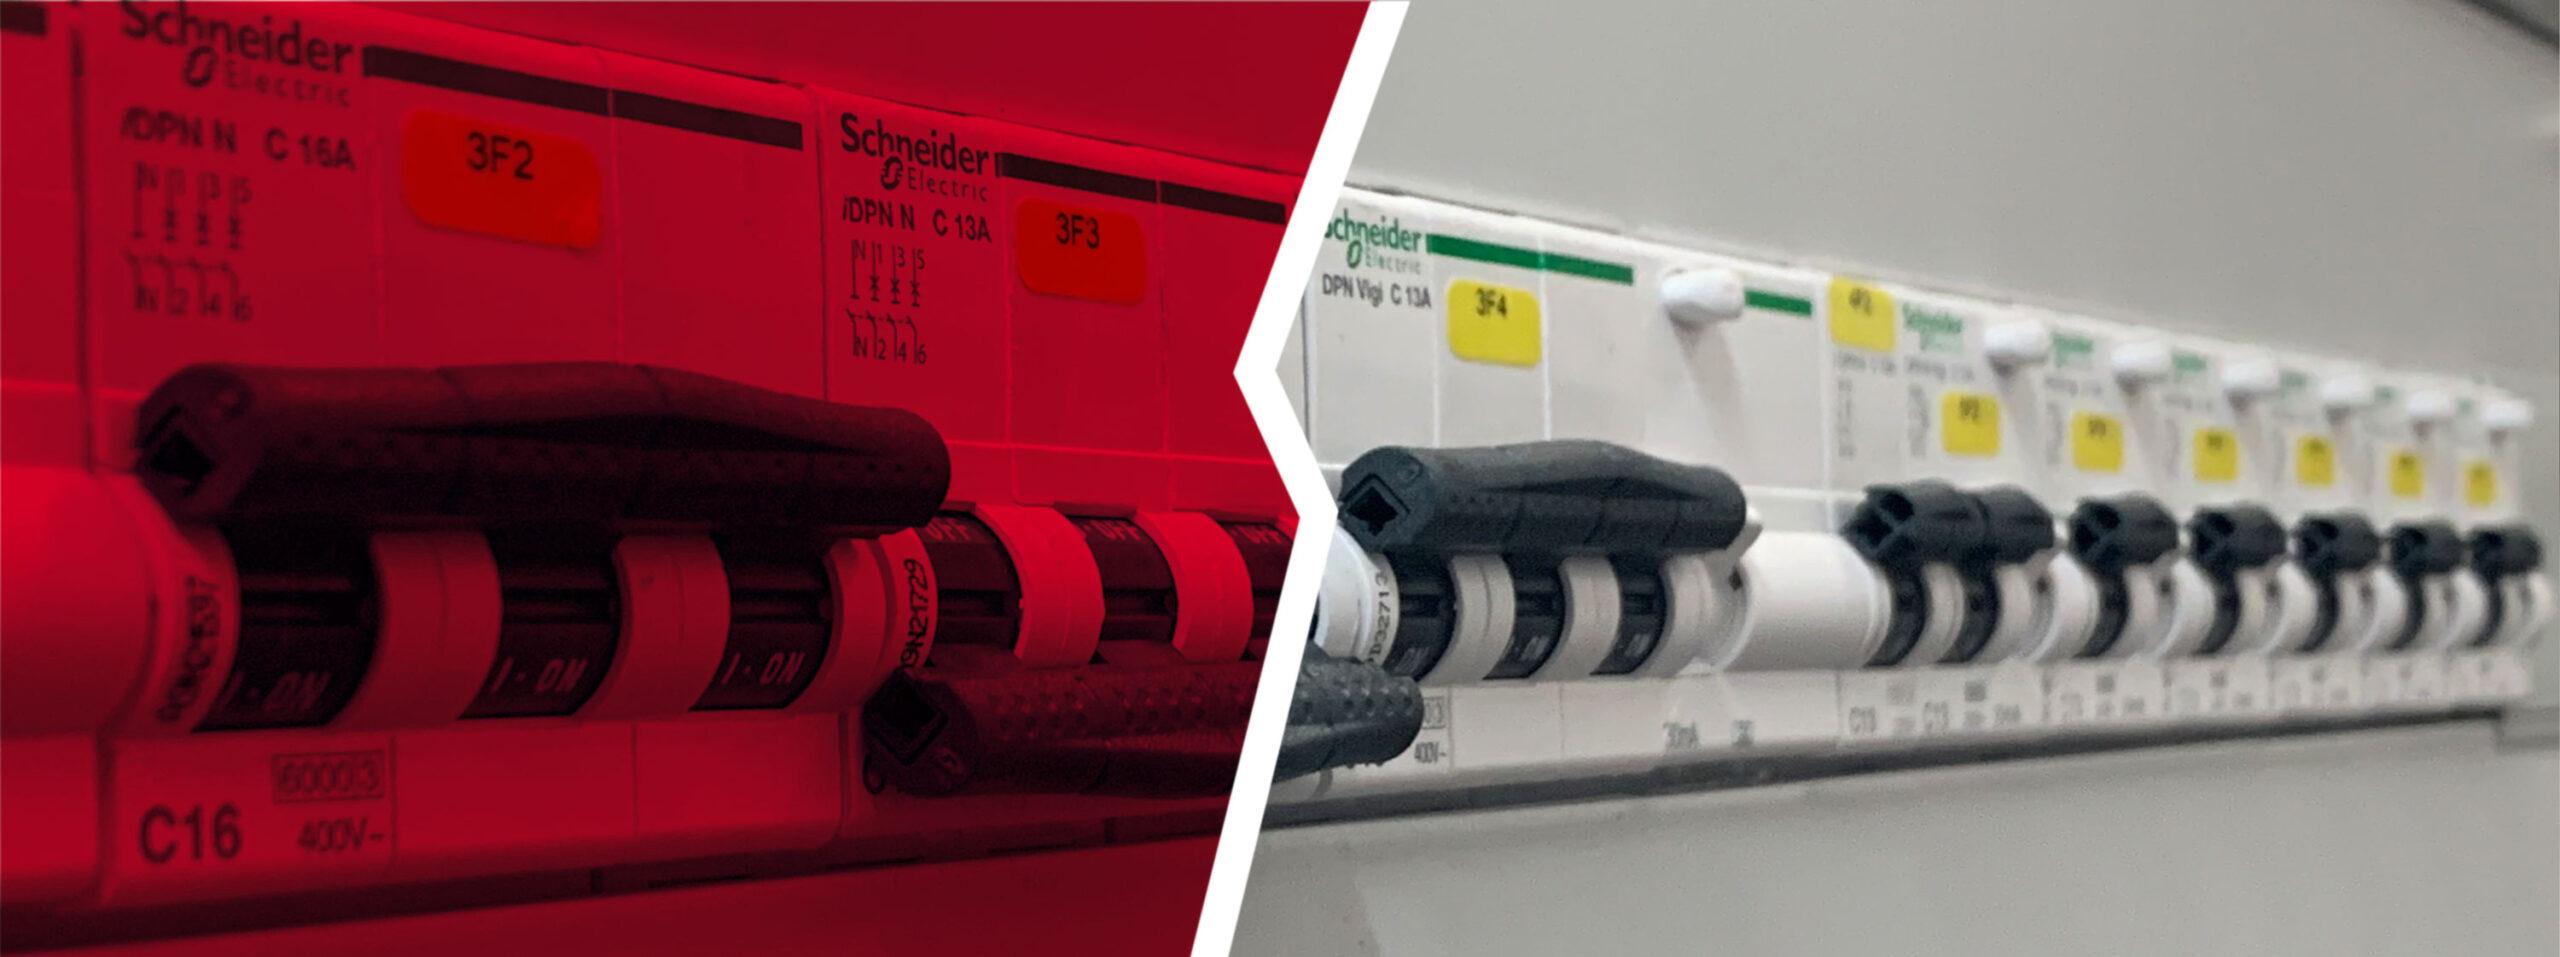 Schalter Eletronik, Schalt- und Steueranlagen